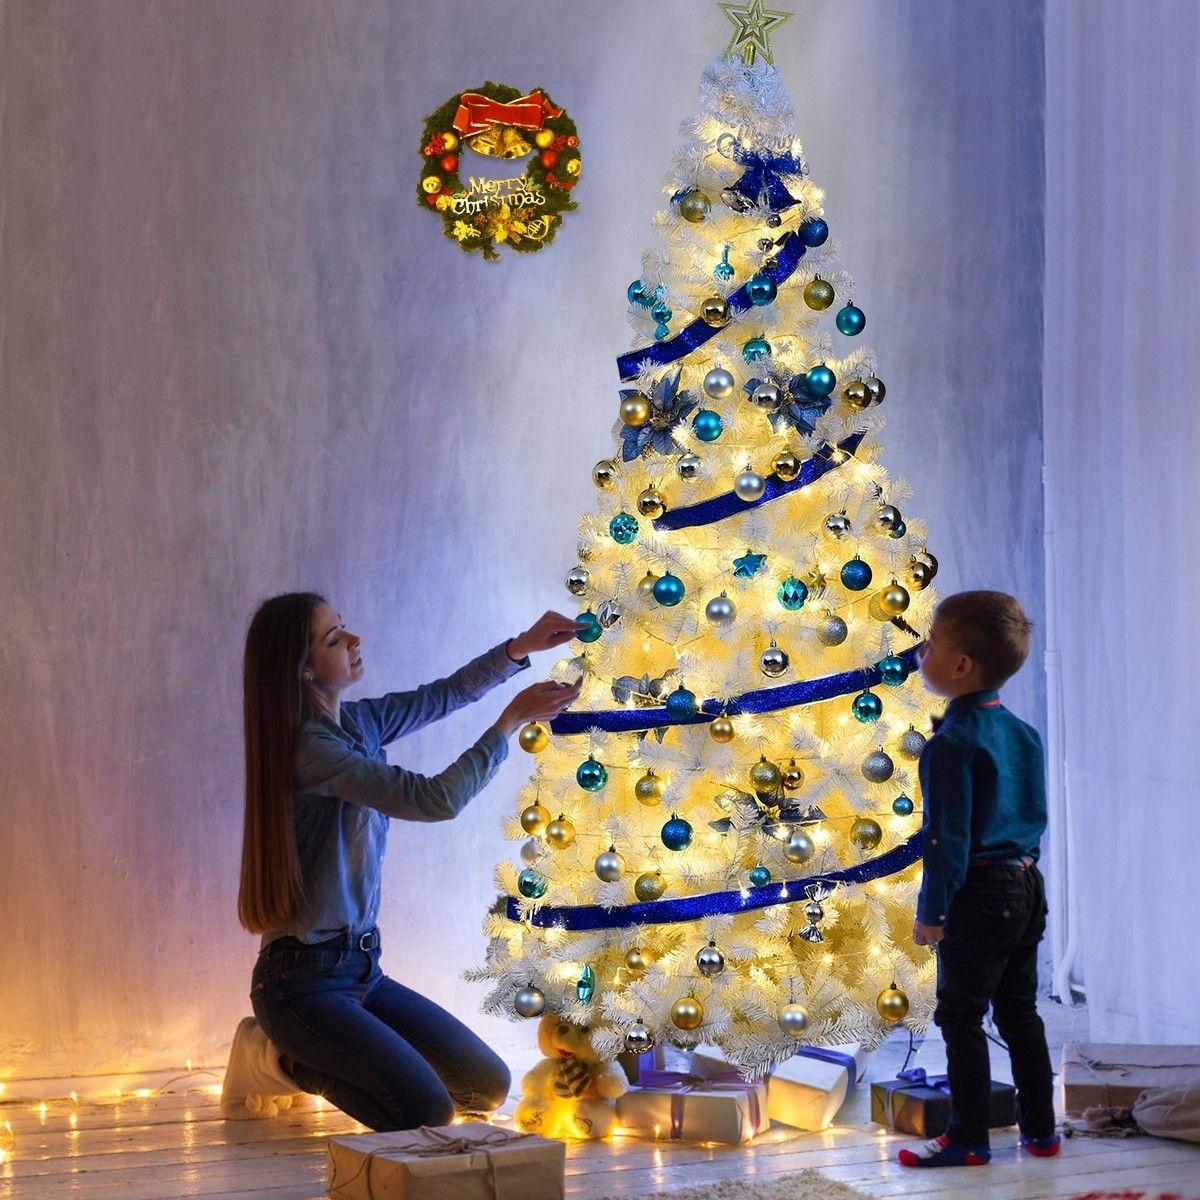 Albero Di Natale Con Foto Amici.Costway Albero Di Natale Artificiale 240cm In Pvc Con 1138 Rami Supporto In Metallo Sku Cm Idee Per L Albero Di Natale Decorazioni Di Natale Alberi Di Natale